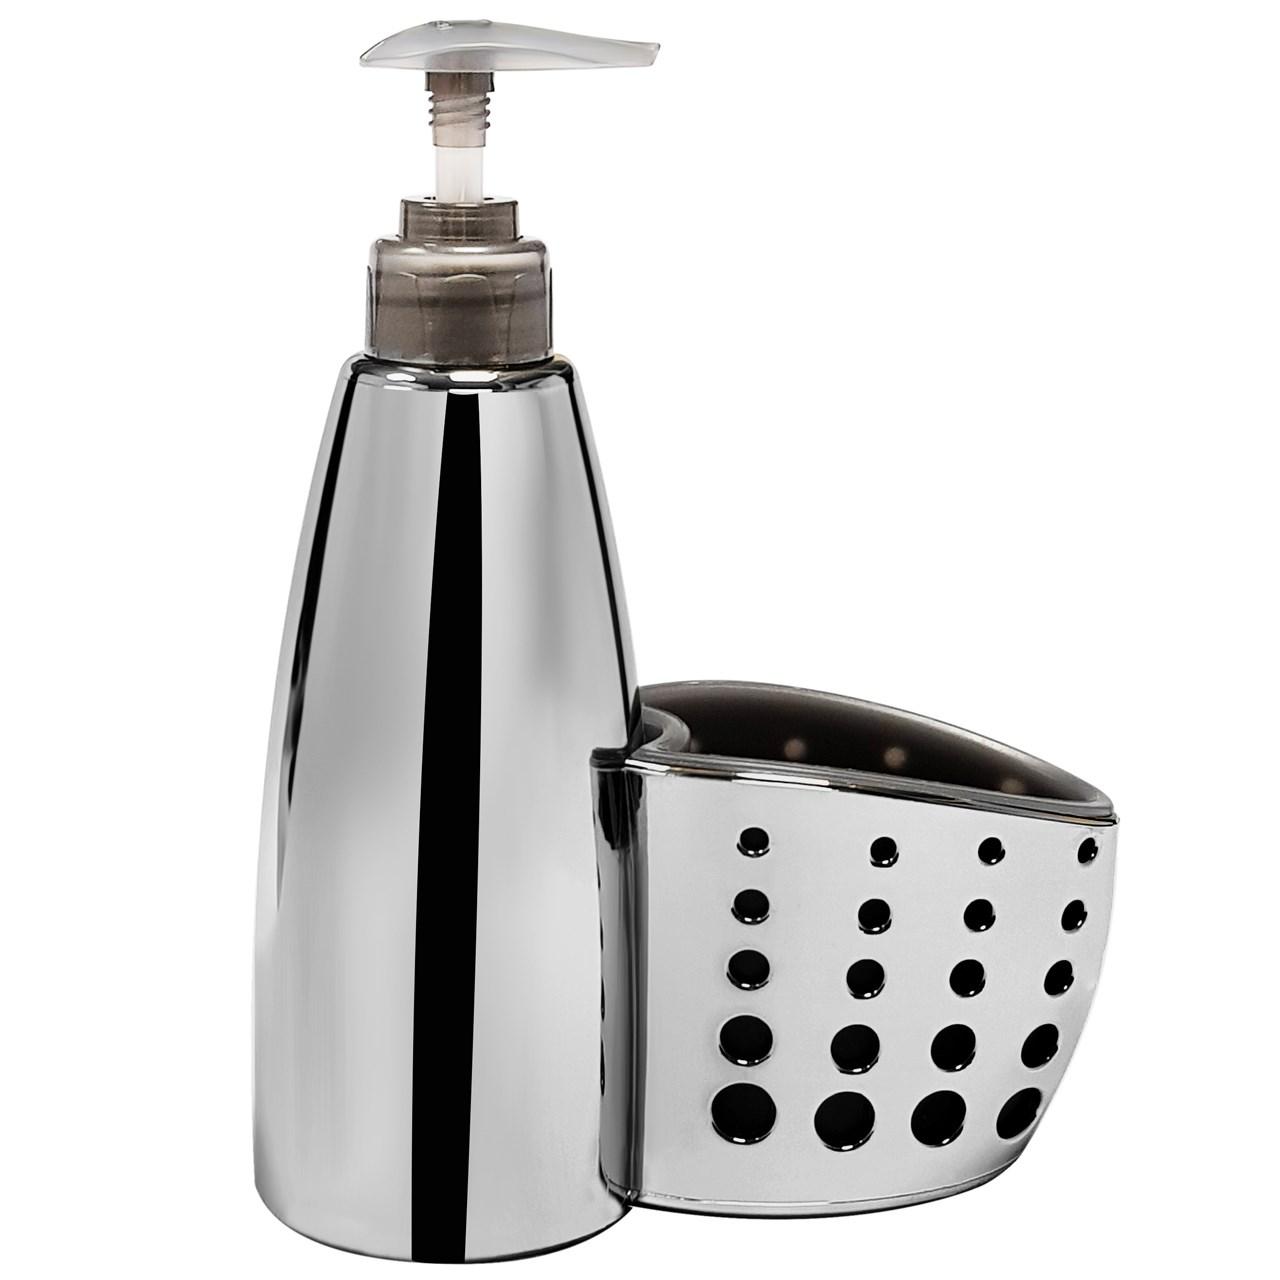 پمپ مایع ظرفشویی یزدگل کد 2-530